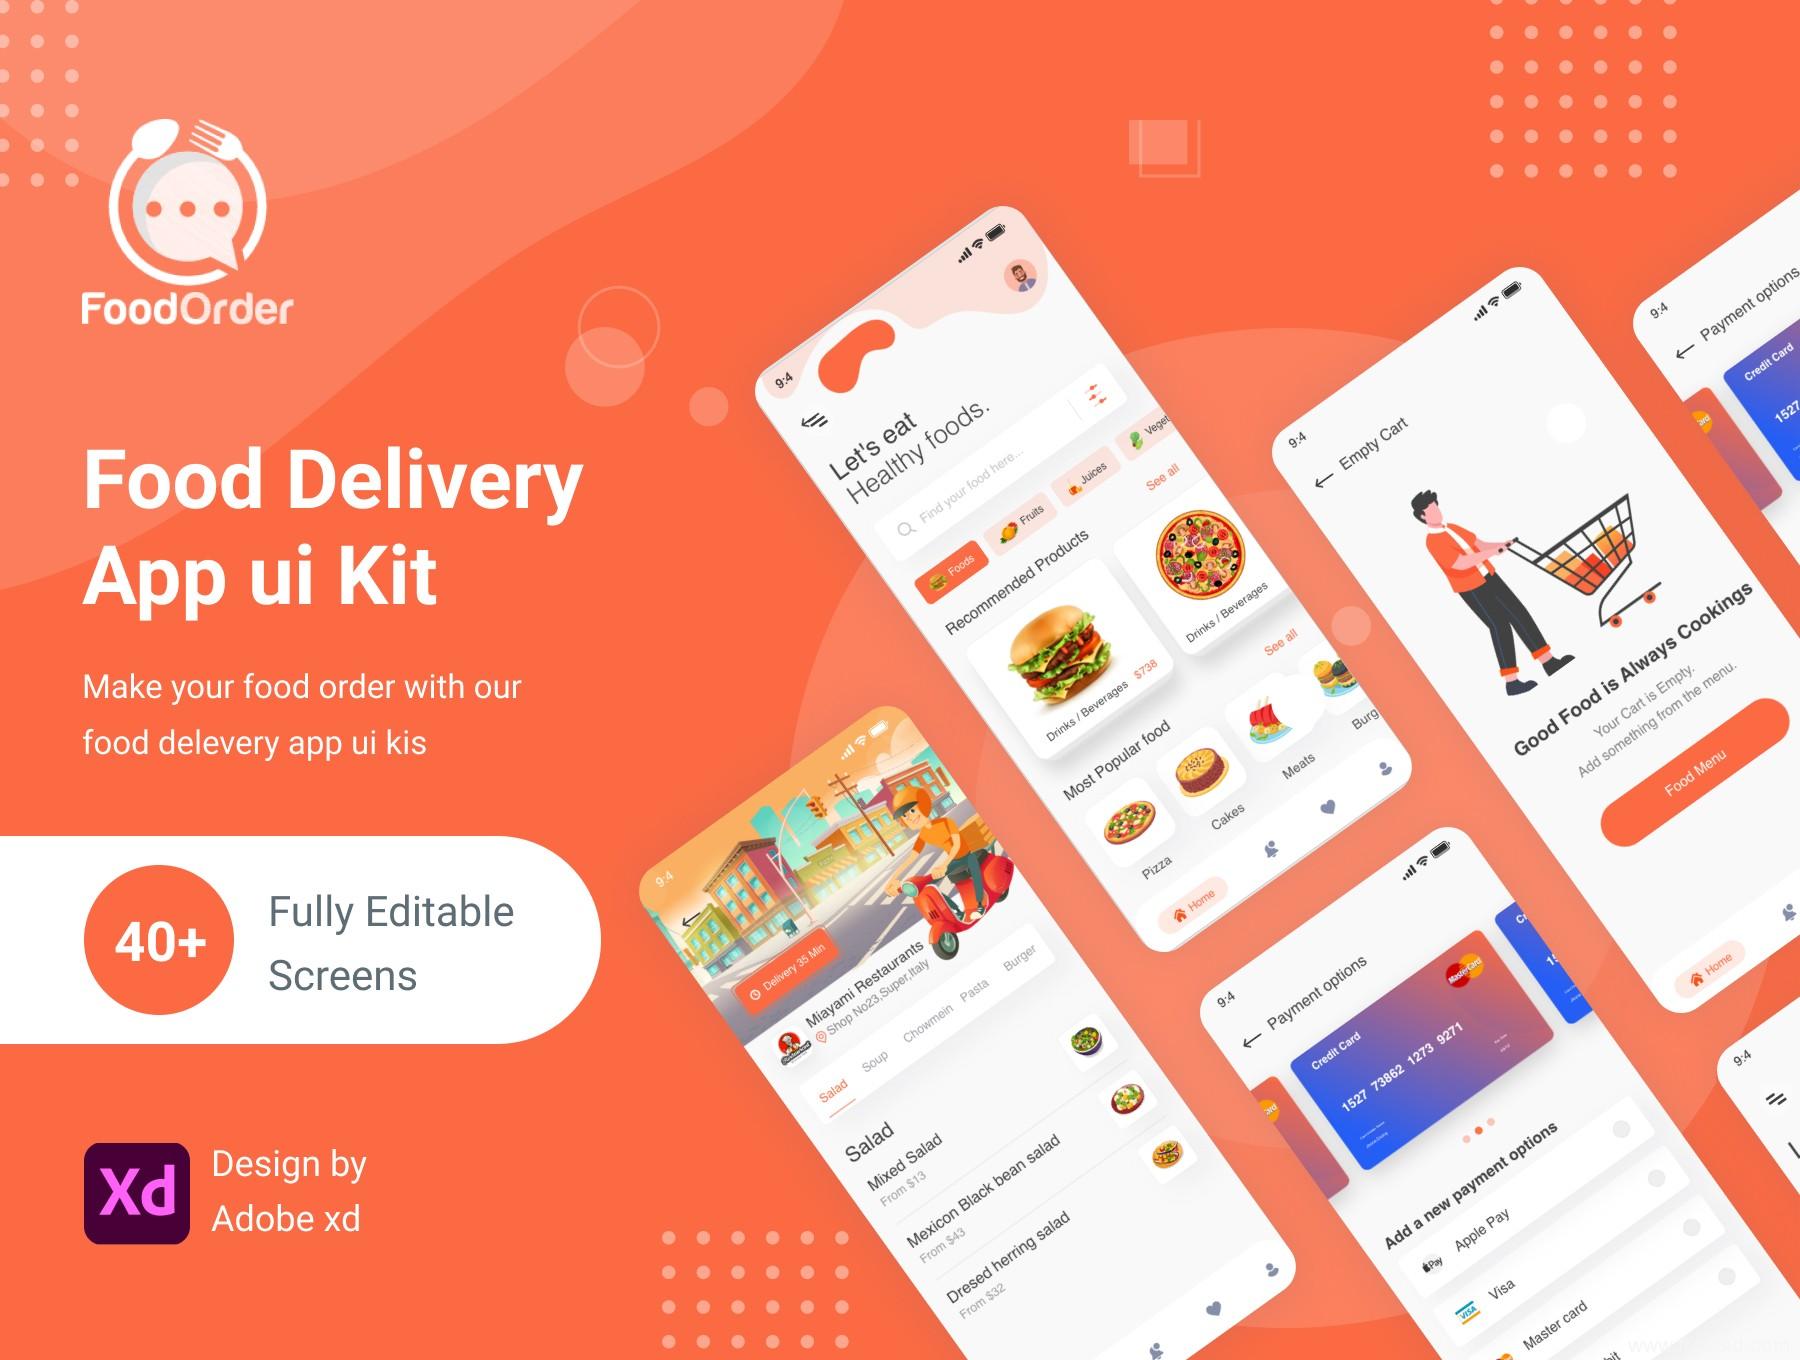 美食应用与外卖app UI界面设计套件xd源文件